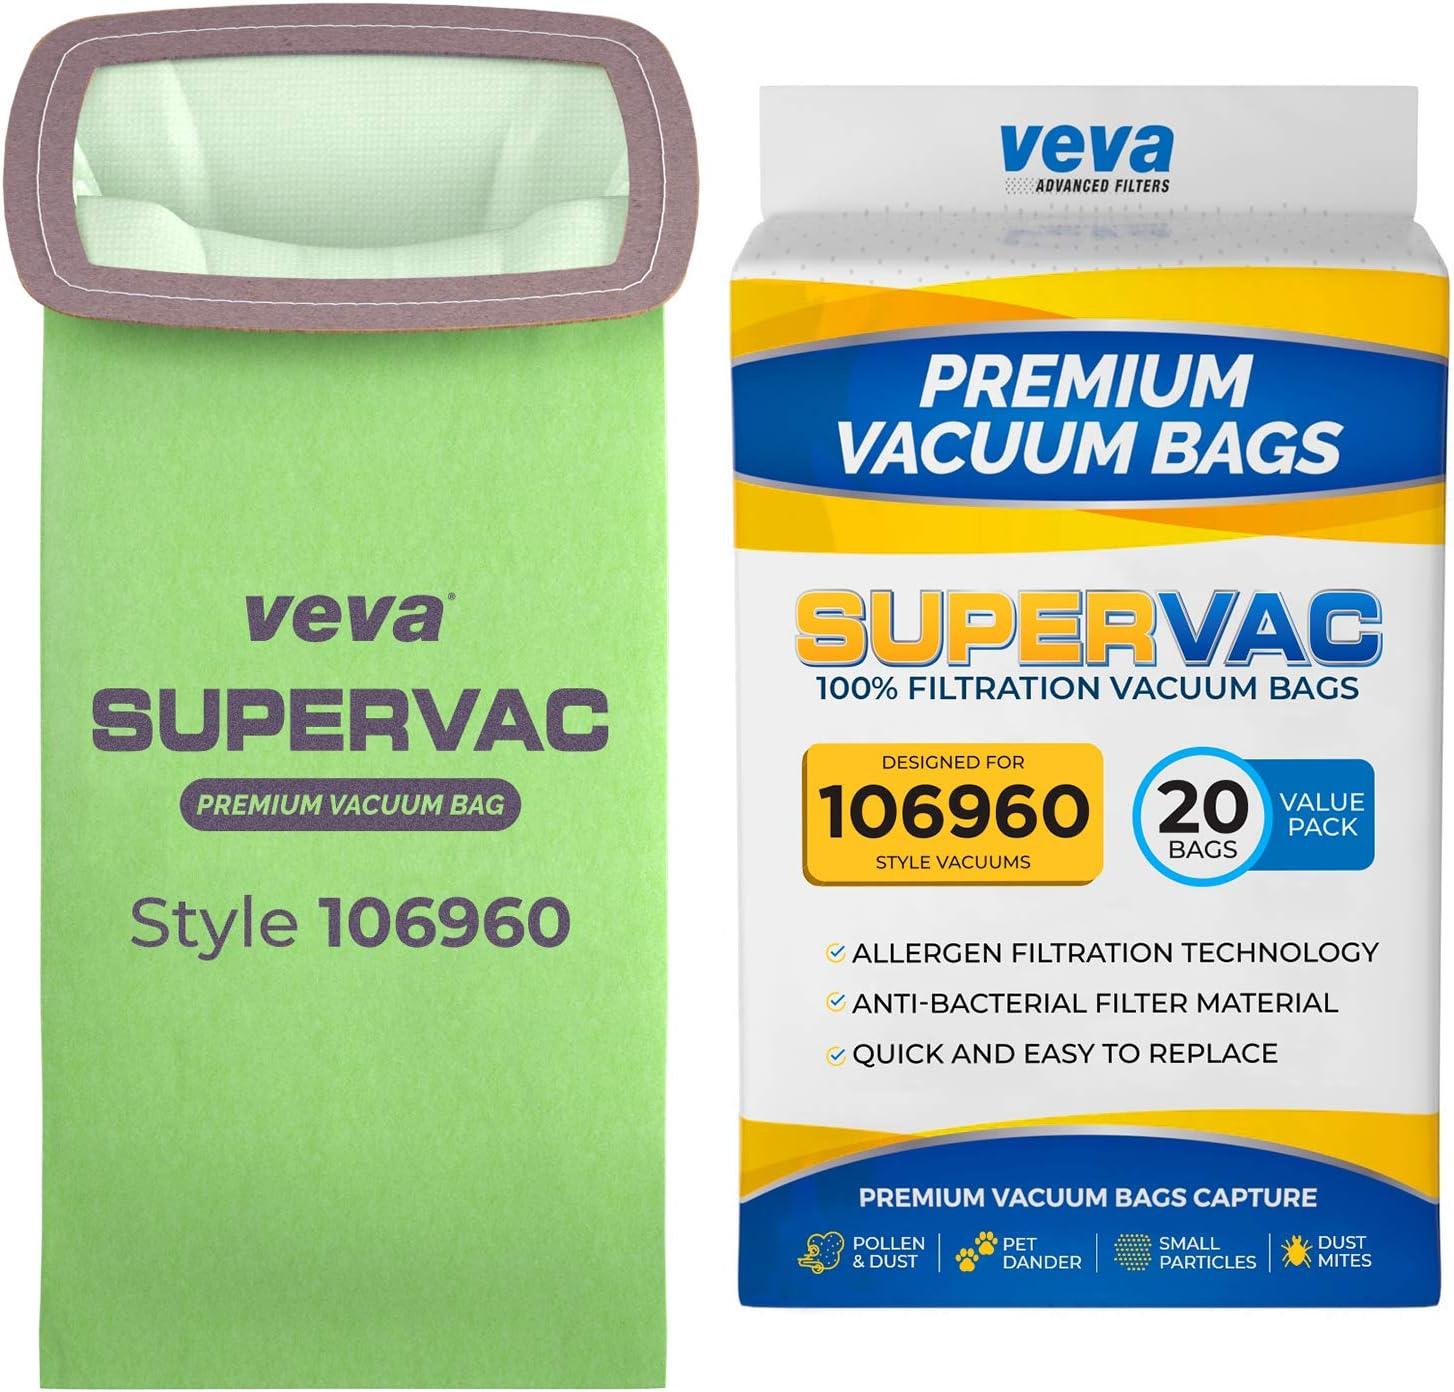 VEVA 20 Pack Premium SuperVac Vacuum Bags 106960 Compatible with ProTeam Super HalfVac Pro Vacuum Cleaner, 6 Quart Bags